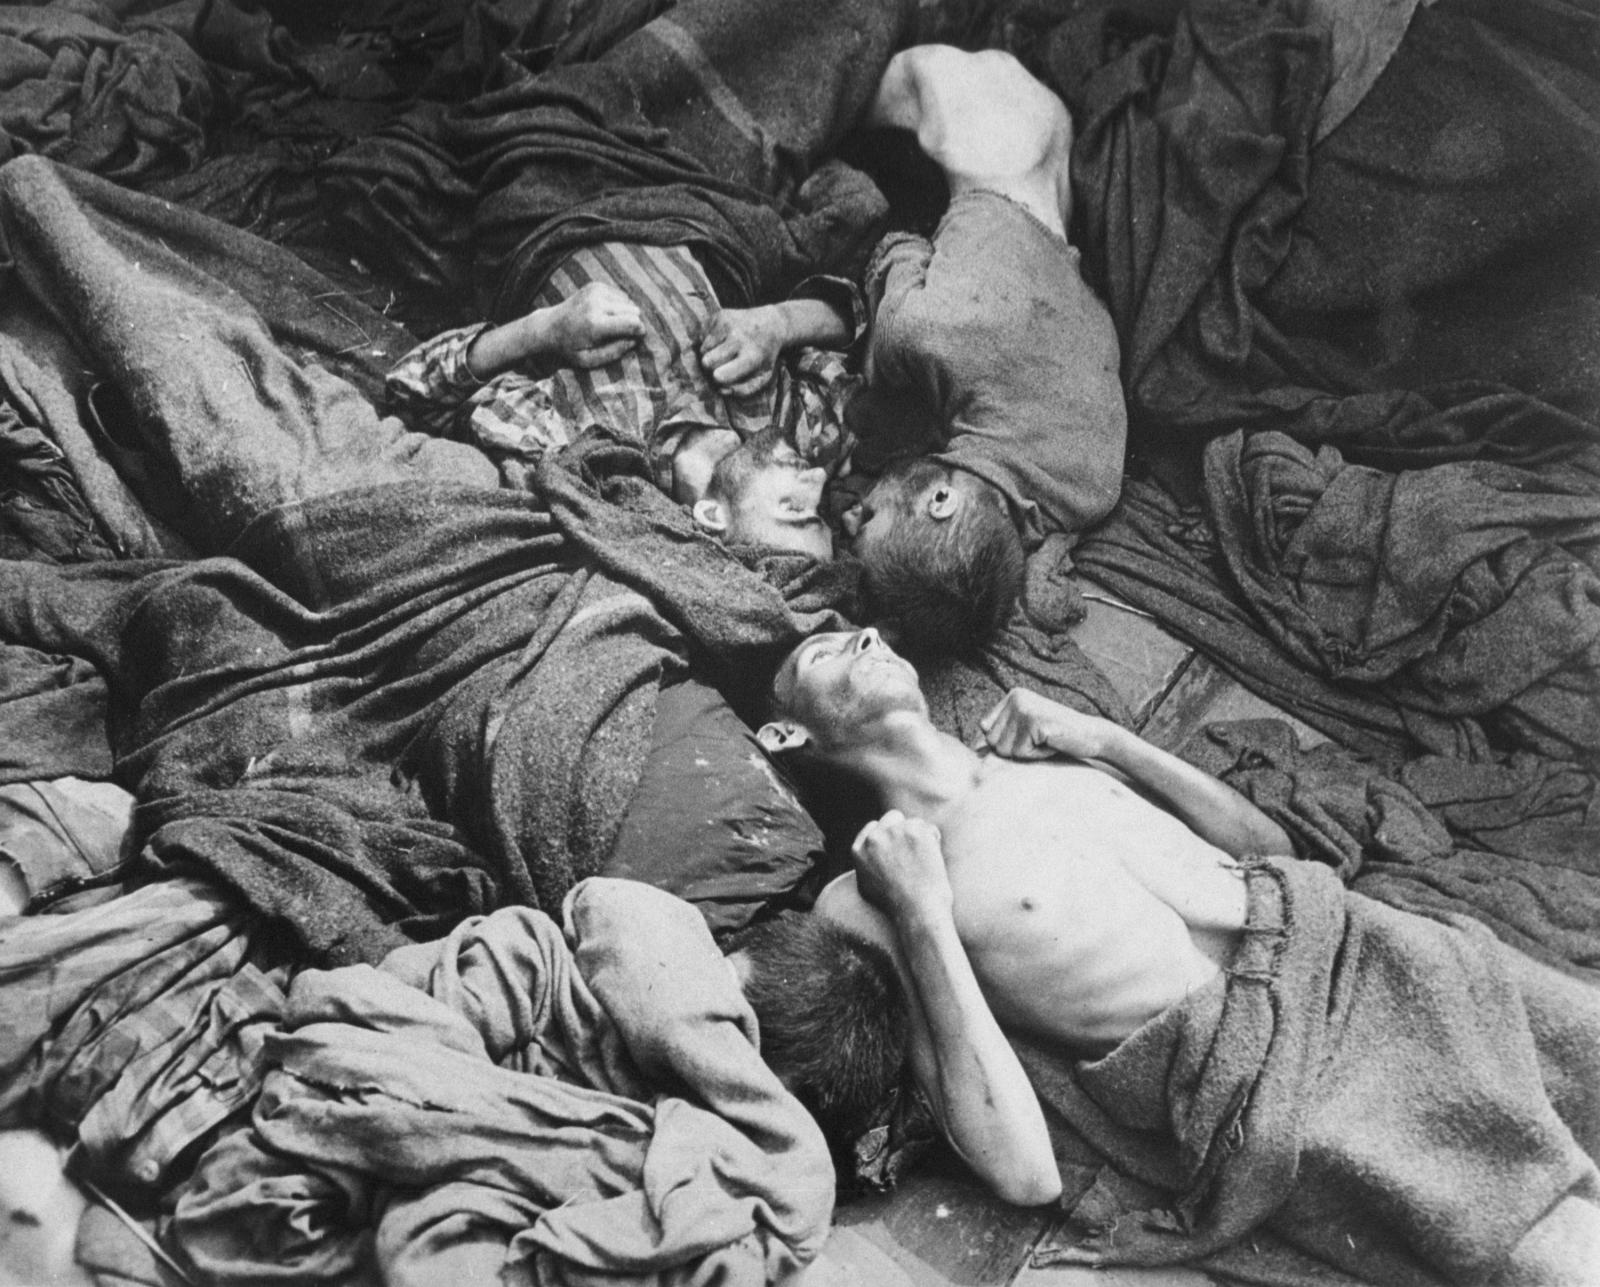 Фото издевательств фашистов над женщинами фото 10 фотография